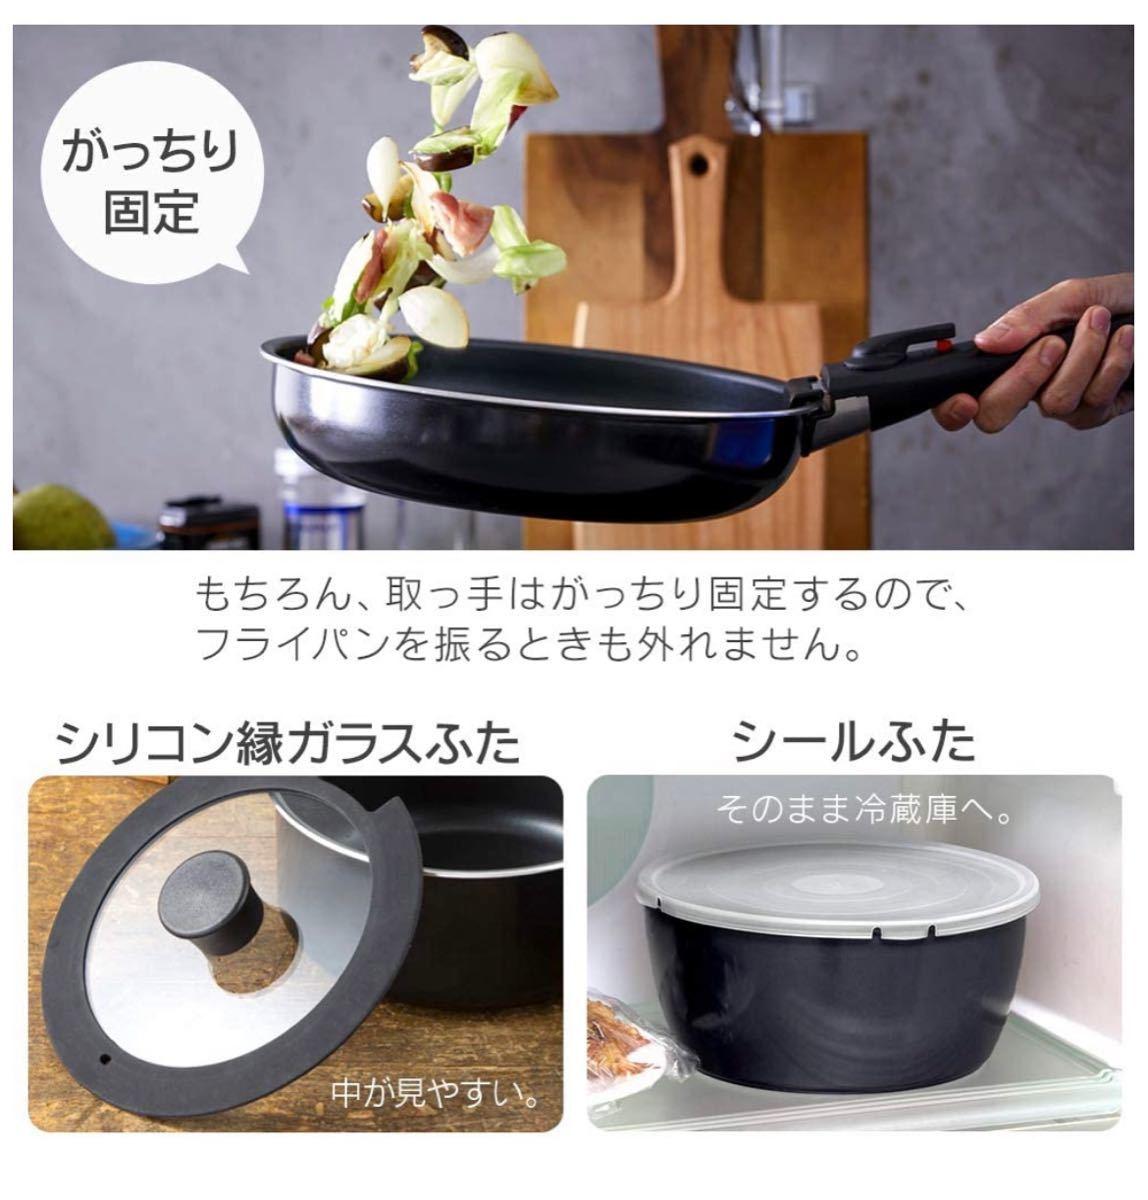 アイリスオーヤマ フライパン 鍋 セット ガス火/ IH対応 11点セット